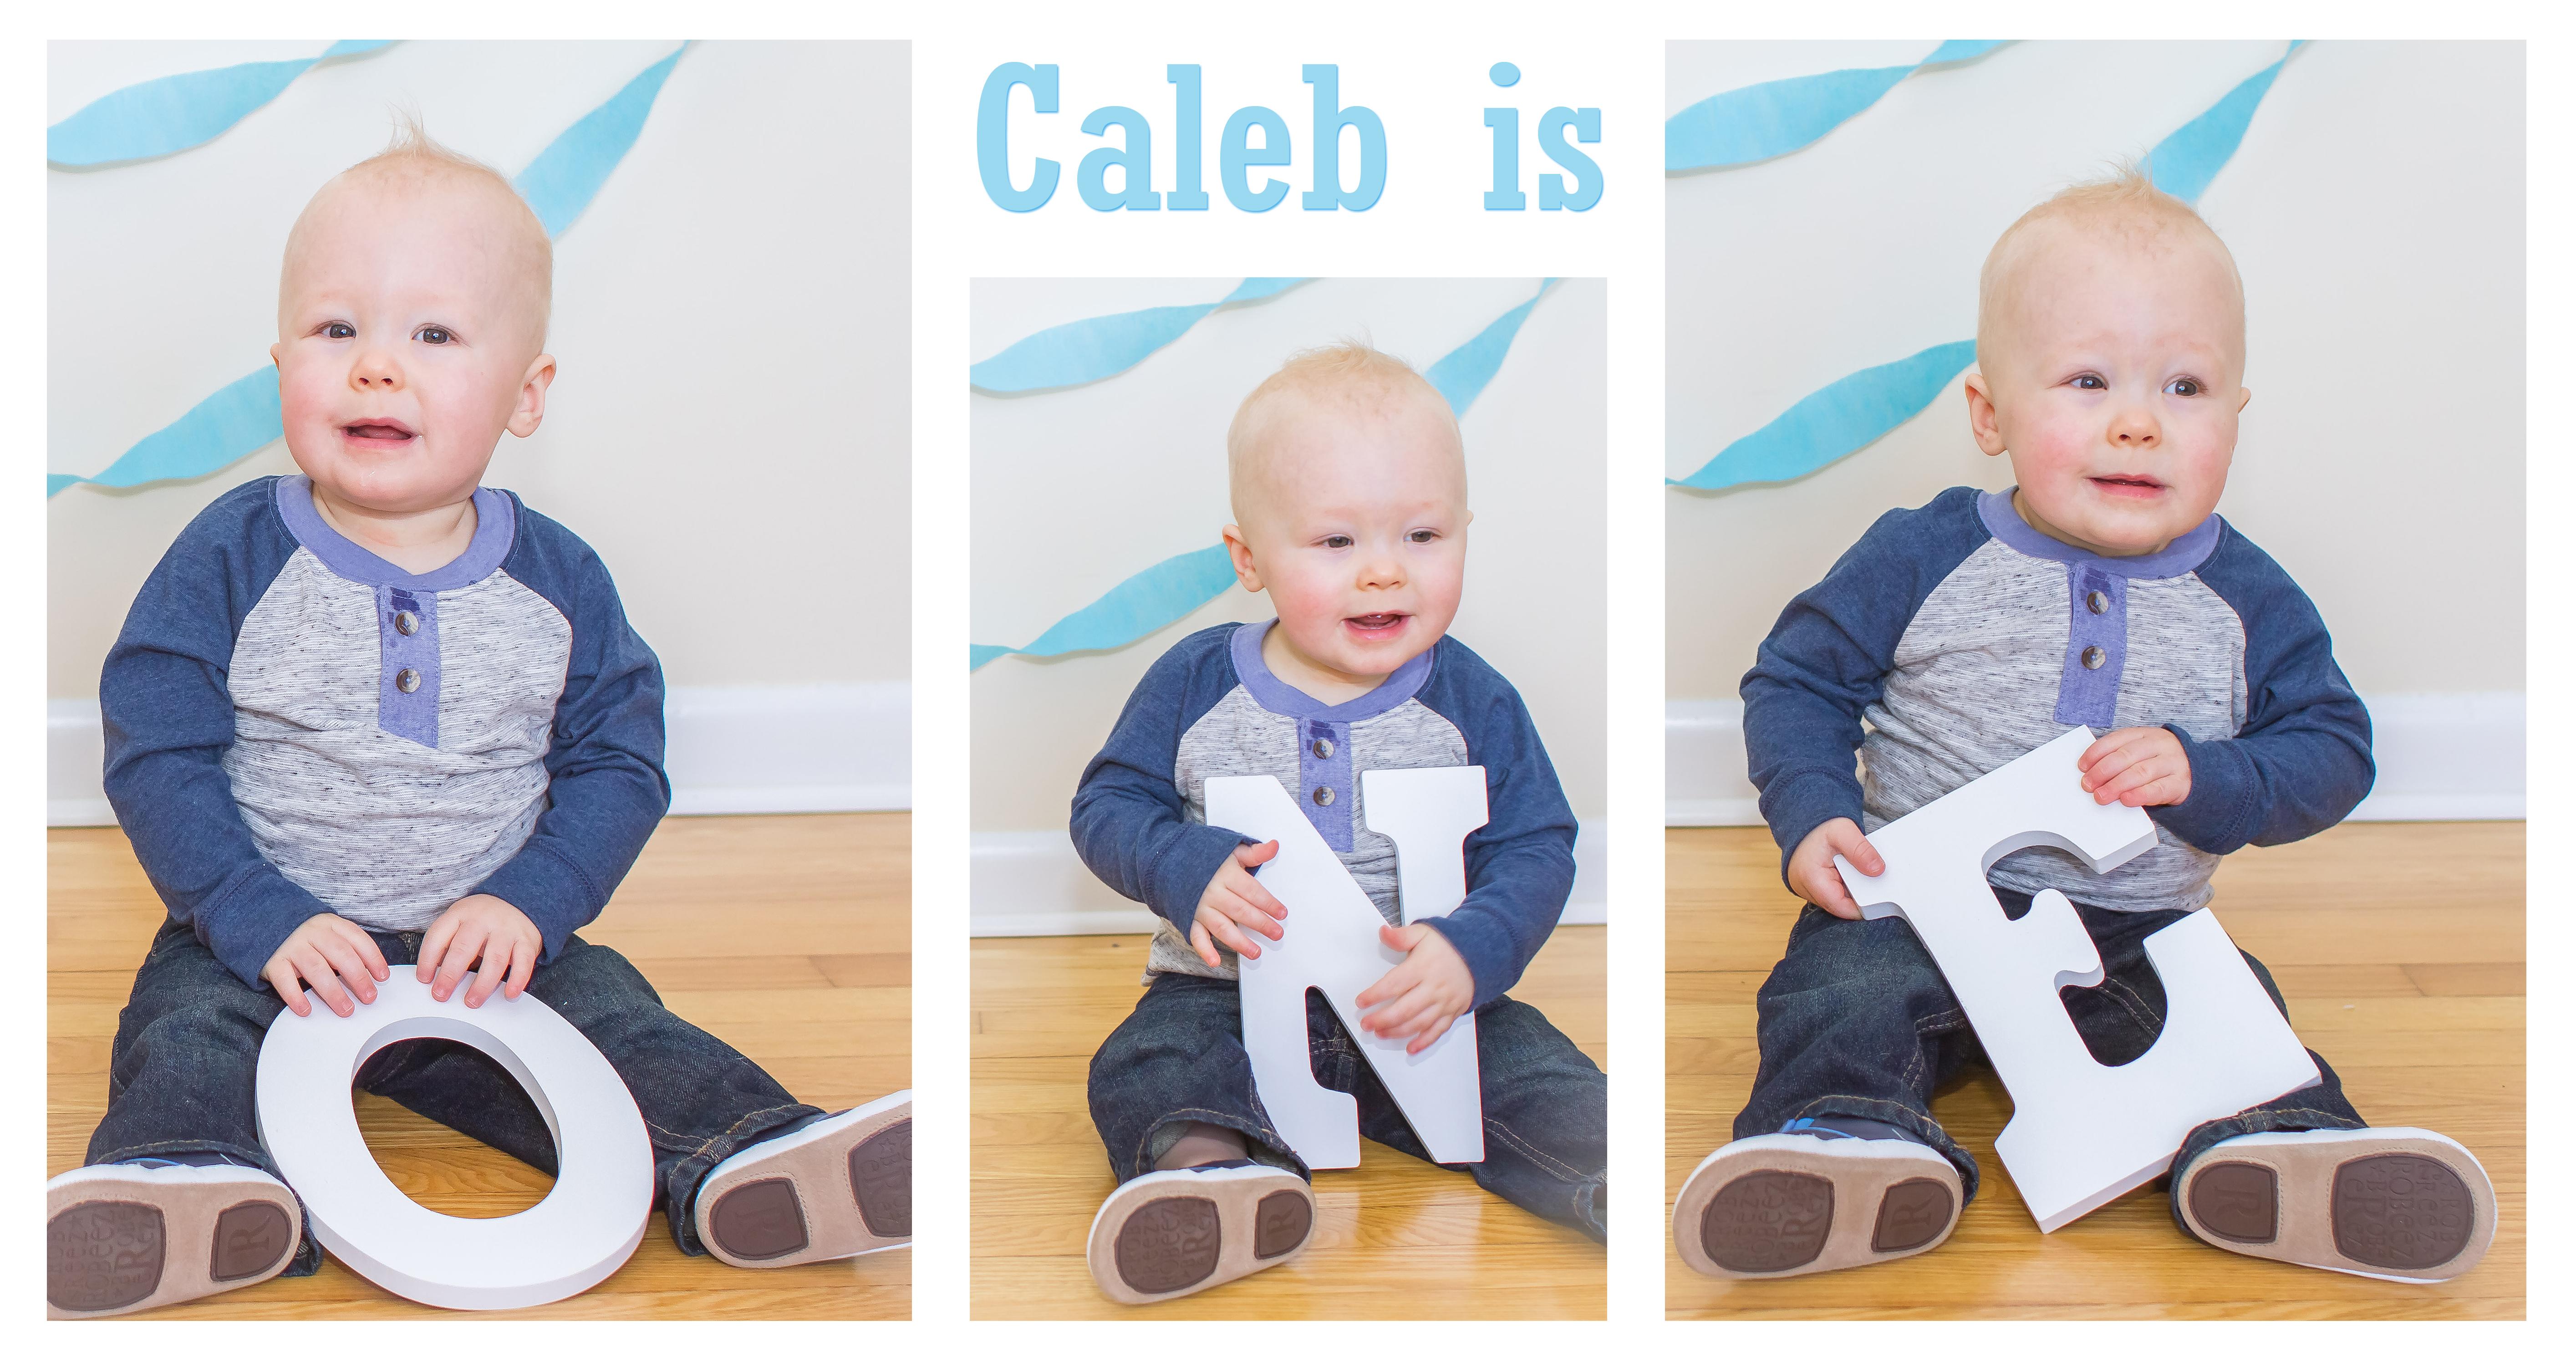 caleb is one